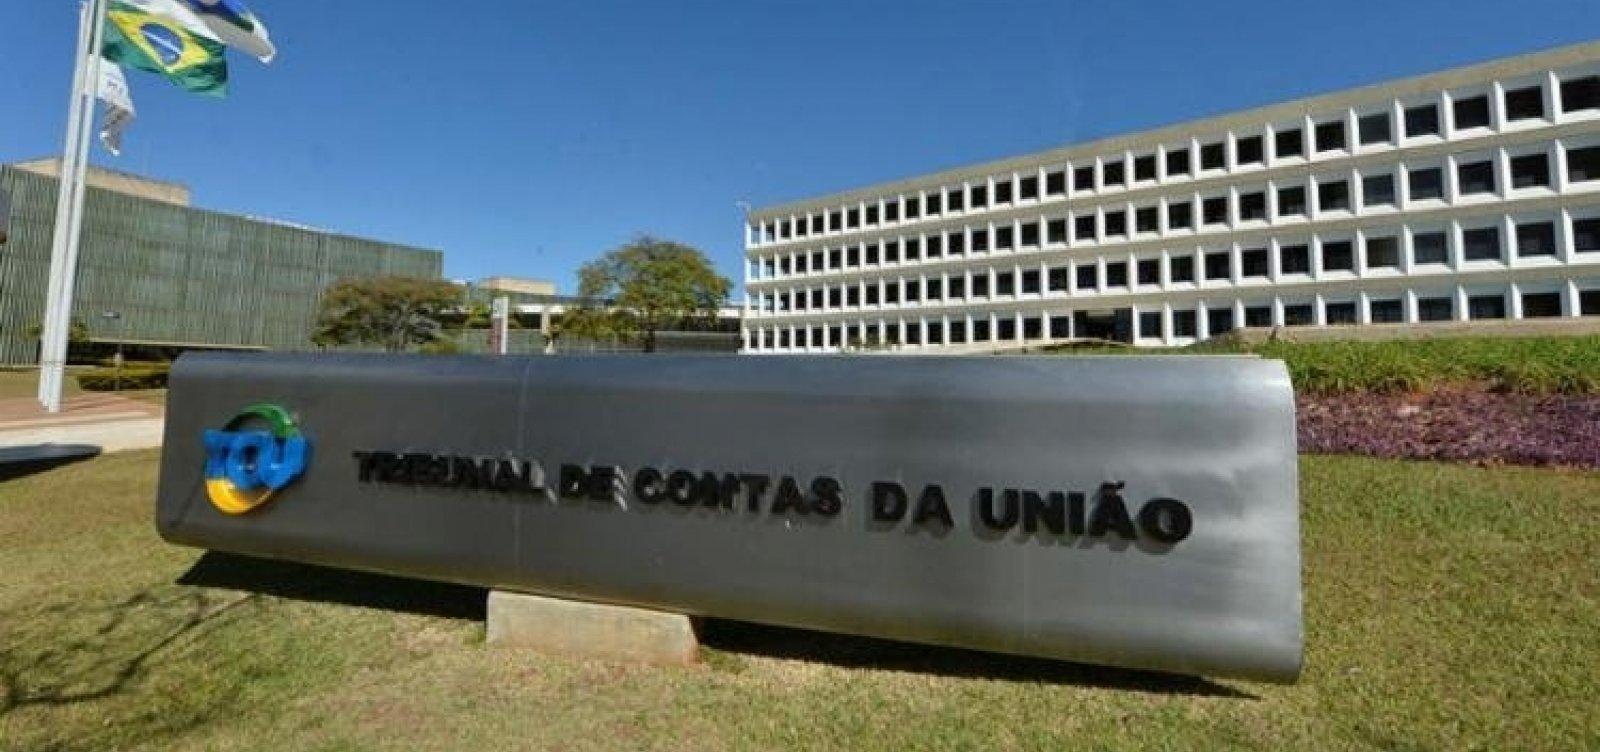 TCU vê indícios de fraude em contratos do governo que somam R$ 500 milhões